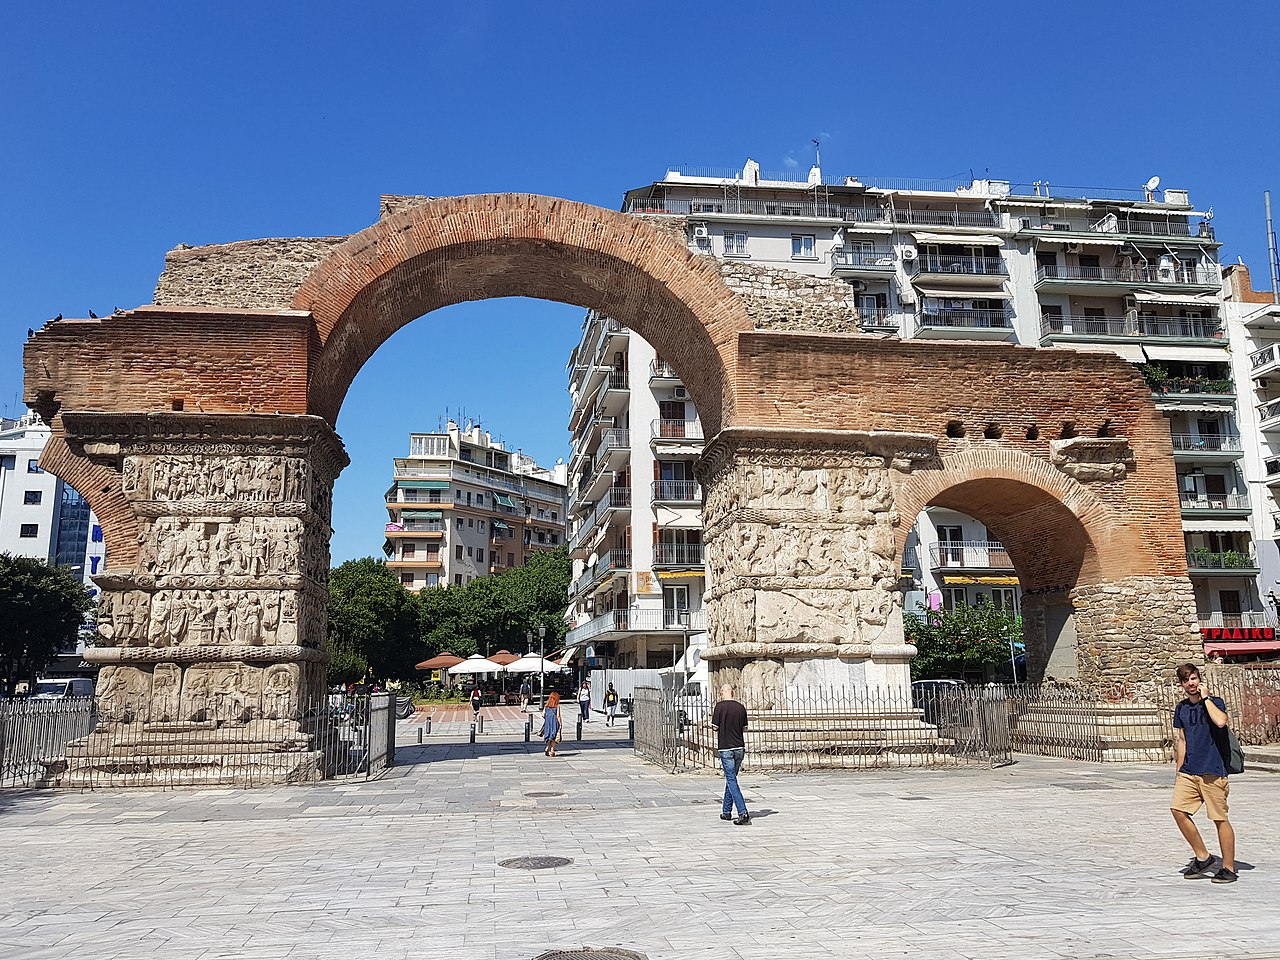 Veza između Gamzigrada i Soluna: Galerijev luk ispod koga ste verovatno mnogo puta prošli, foto: Armineaghayan / Wikimedia